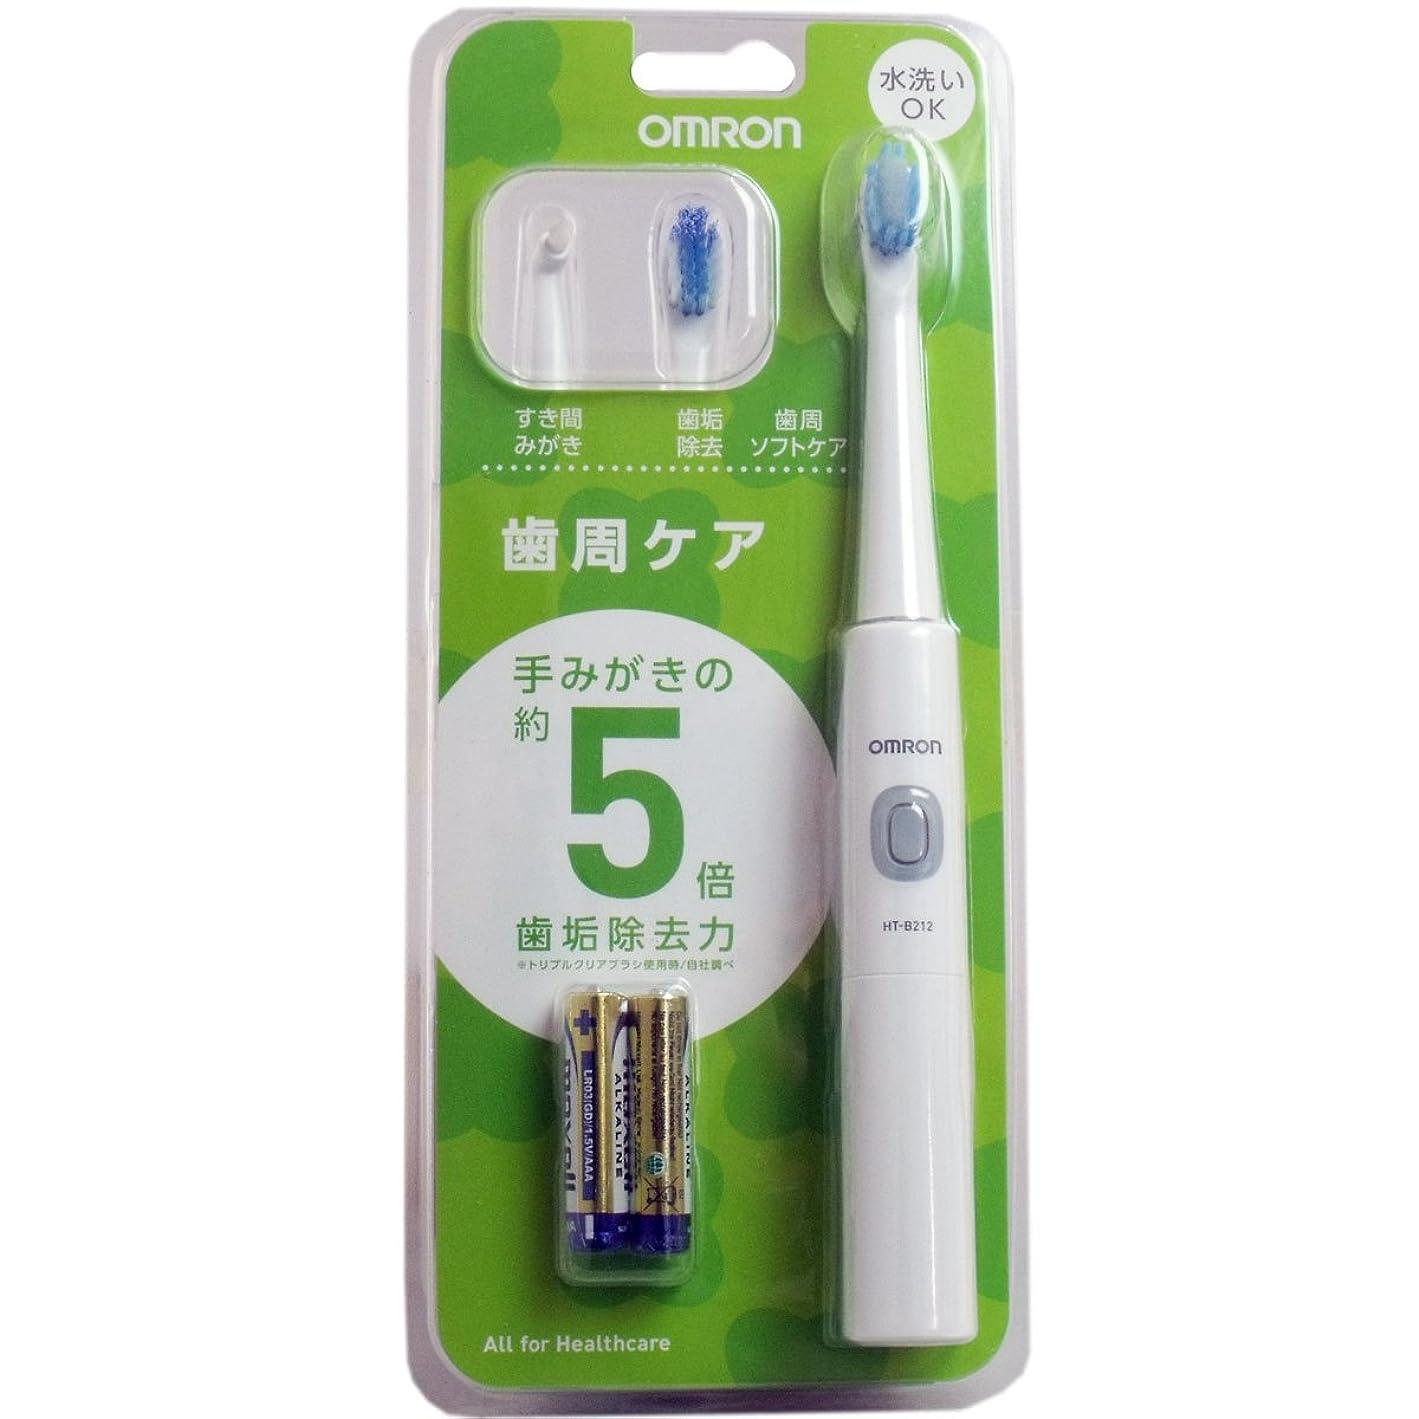 フリル発見出口オムロンヘルスケア 音波式電動歯ブラシ HT-B212